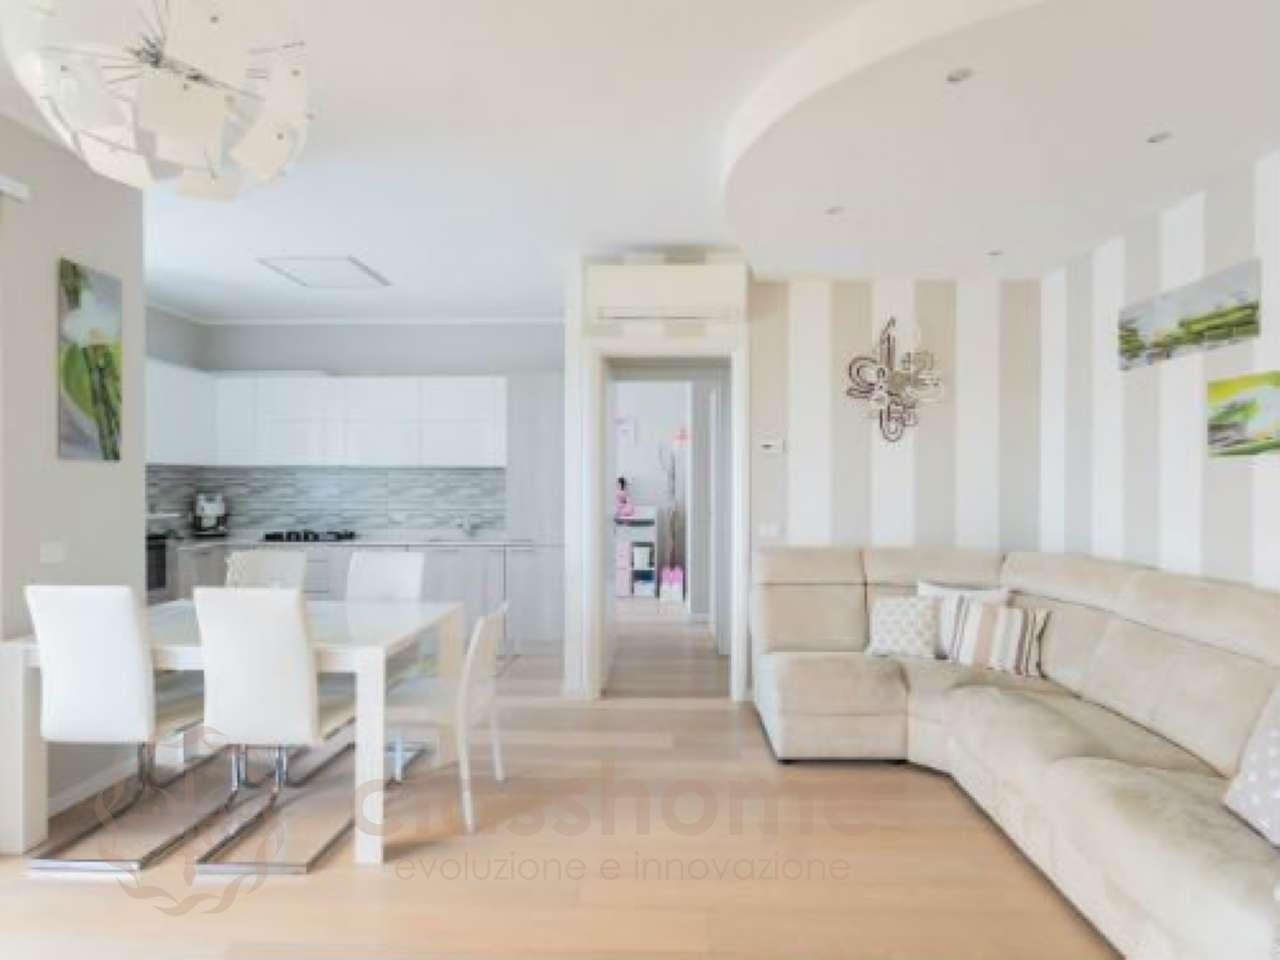 Appartamento in vendita a Limbiate, 3 locali, prezzo € 219.000 | PortaleAgenzieImmobiliari.it